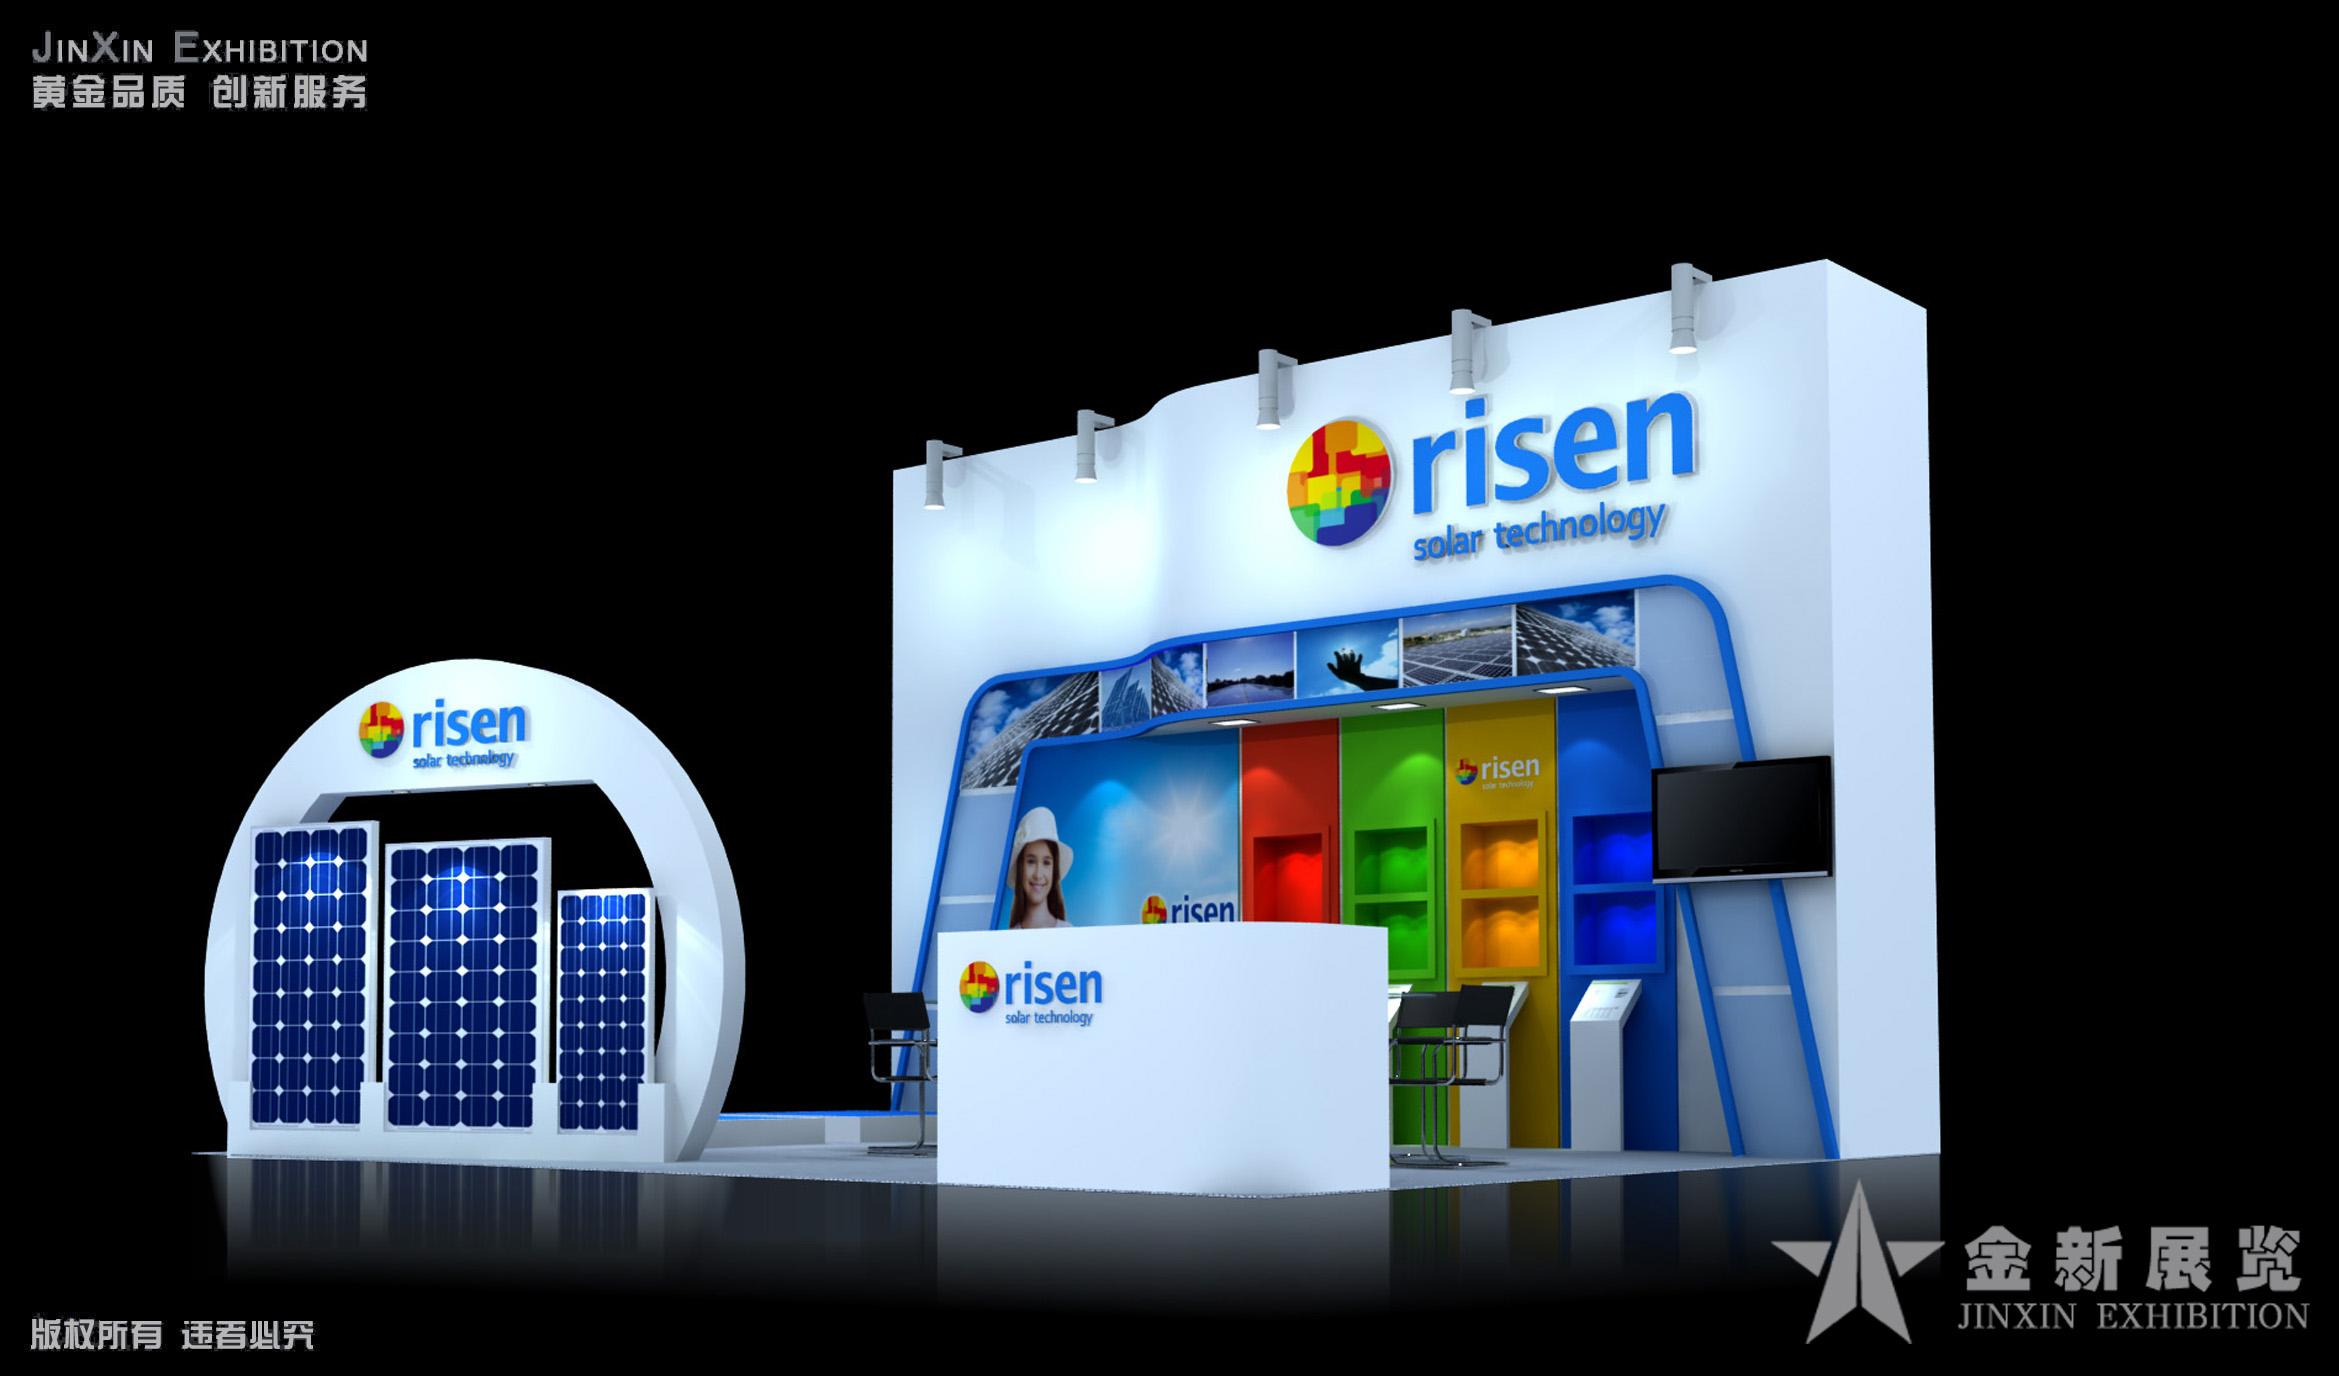 成功案例 太阳能展  展会名称 :  展会时间 :  案例说明: 设计创意